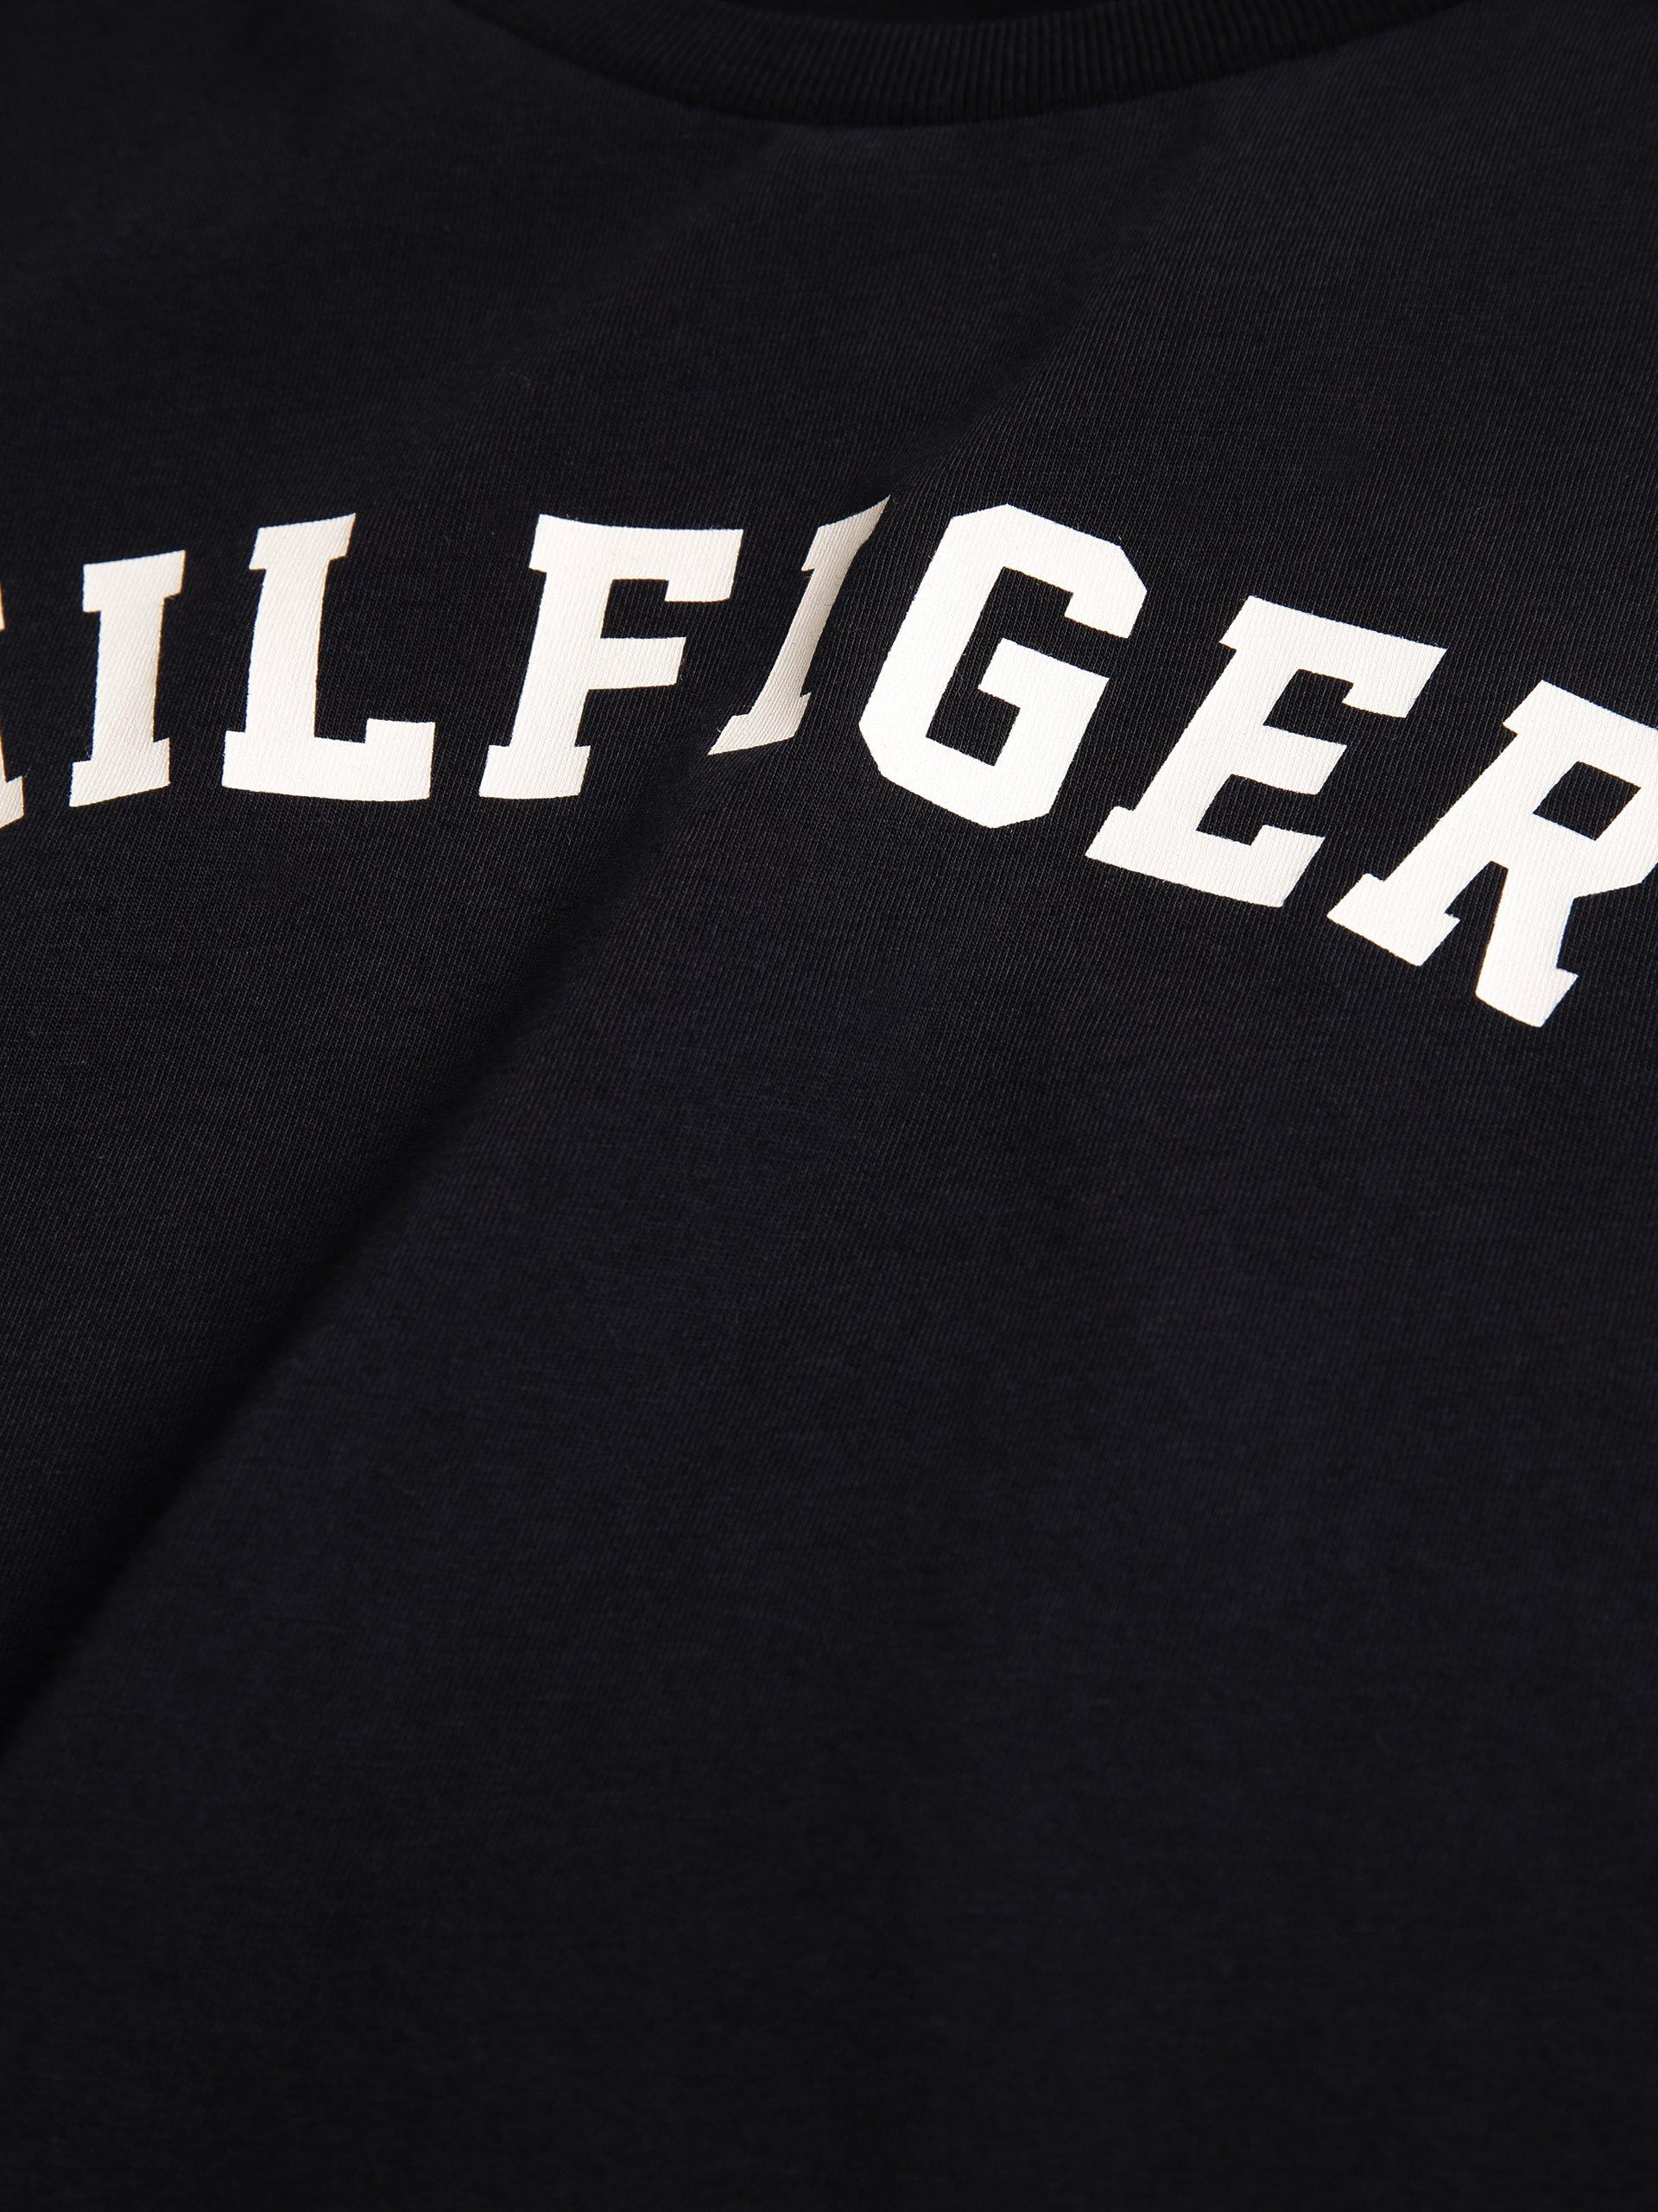 Tommy Hilfiger T-shirt damski